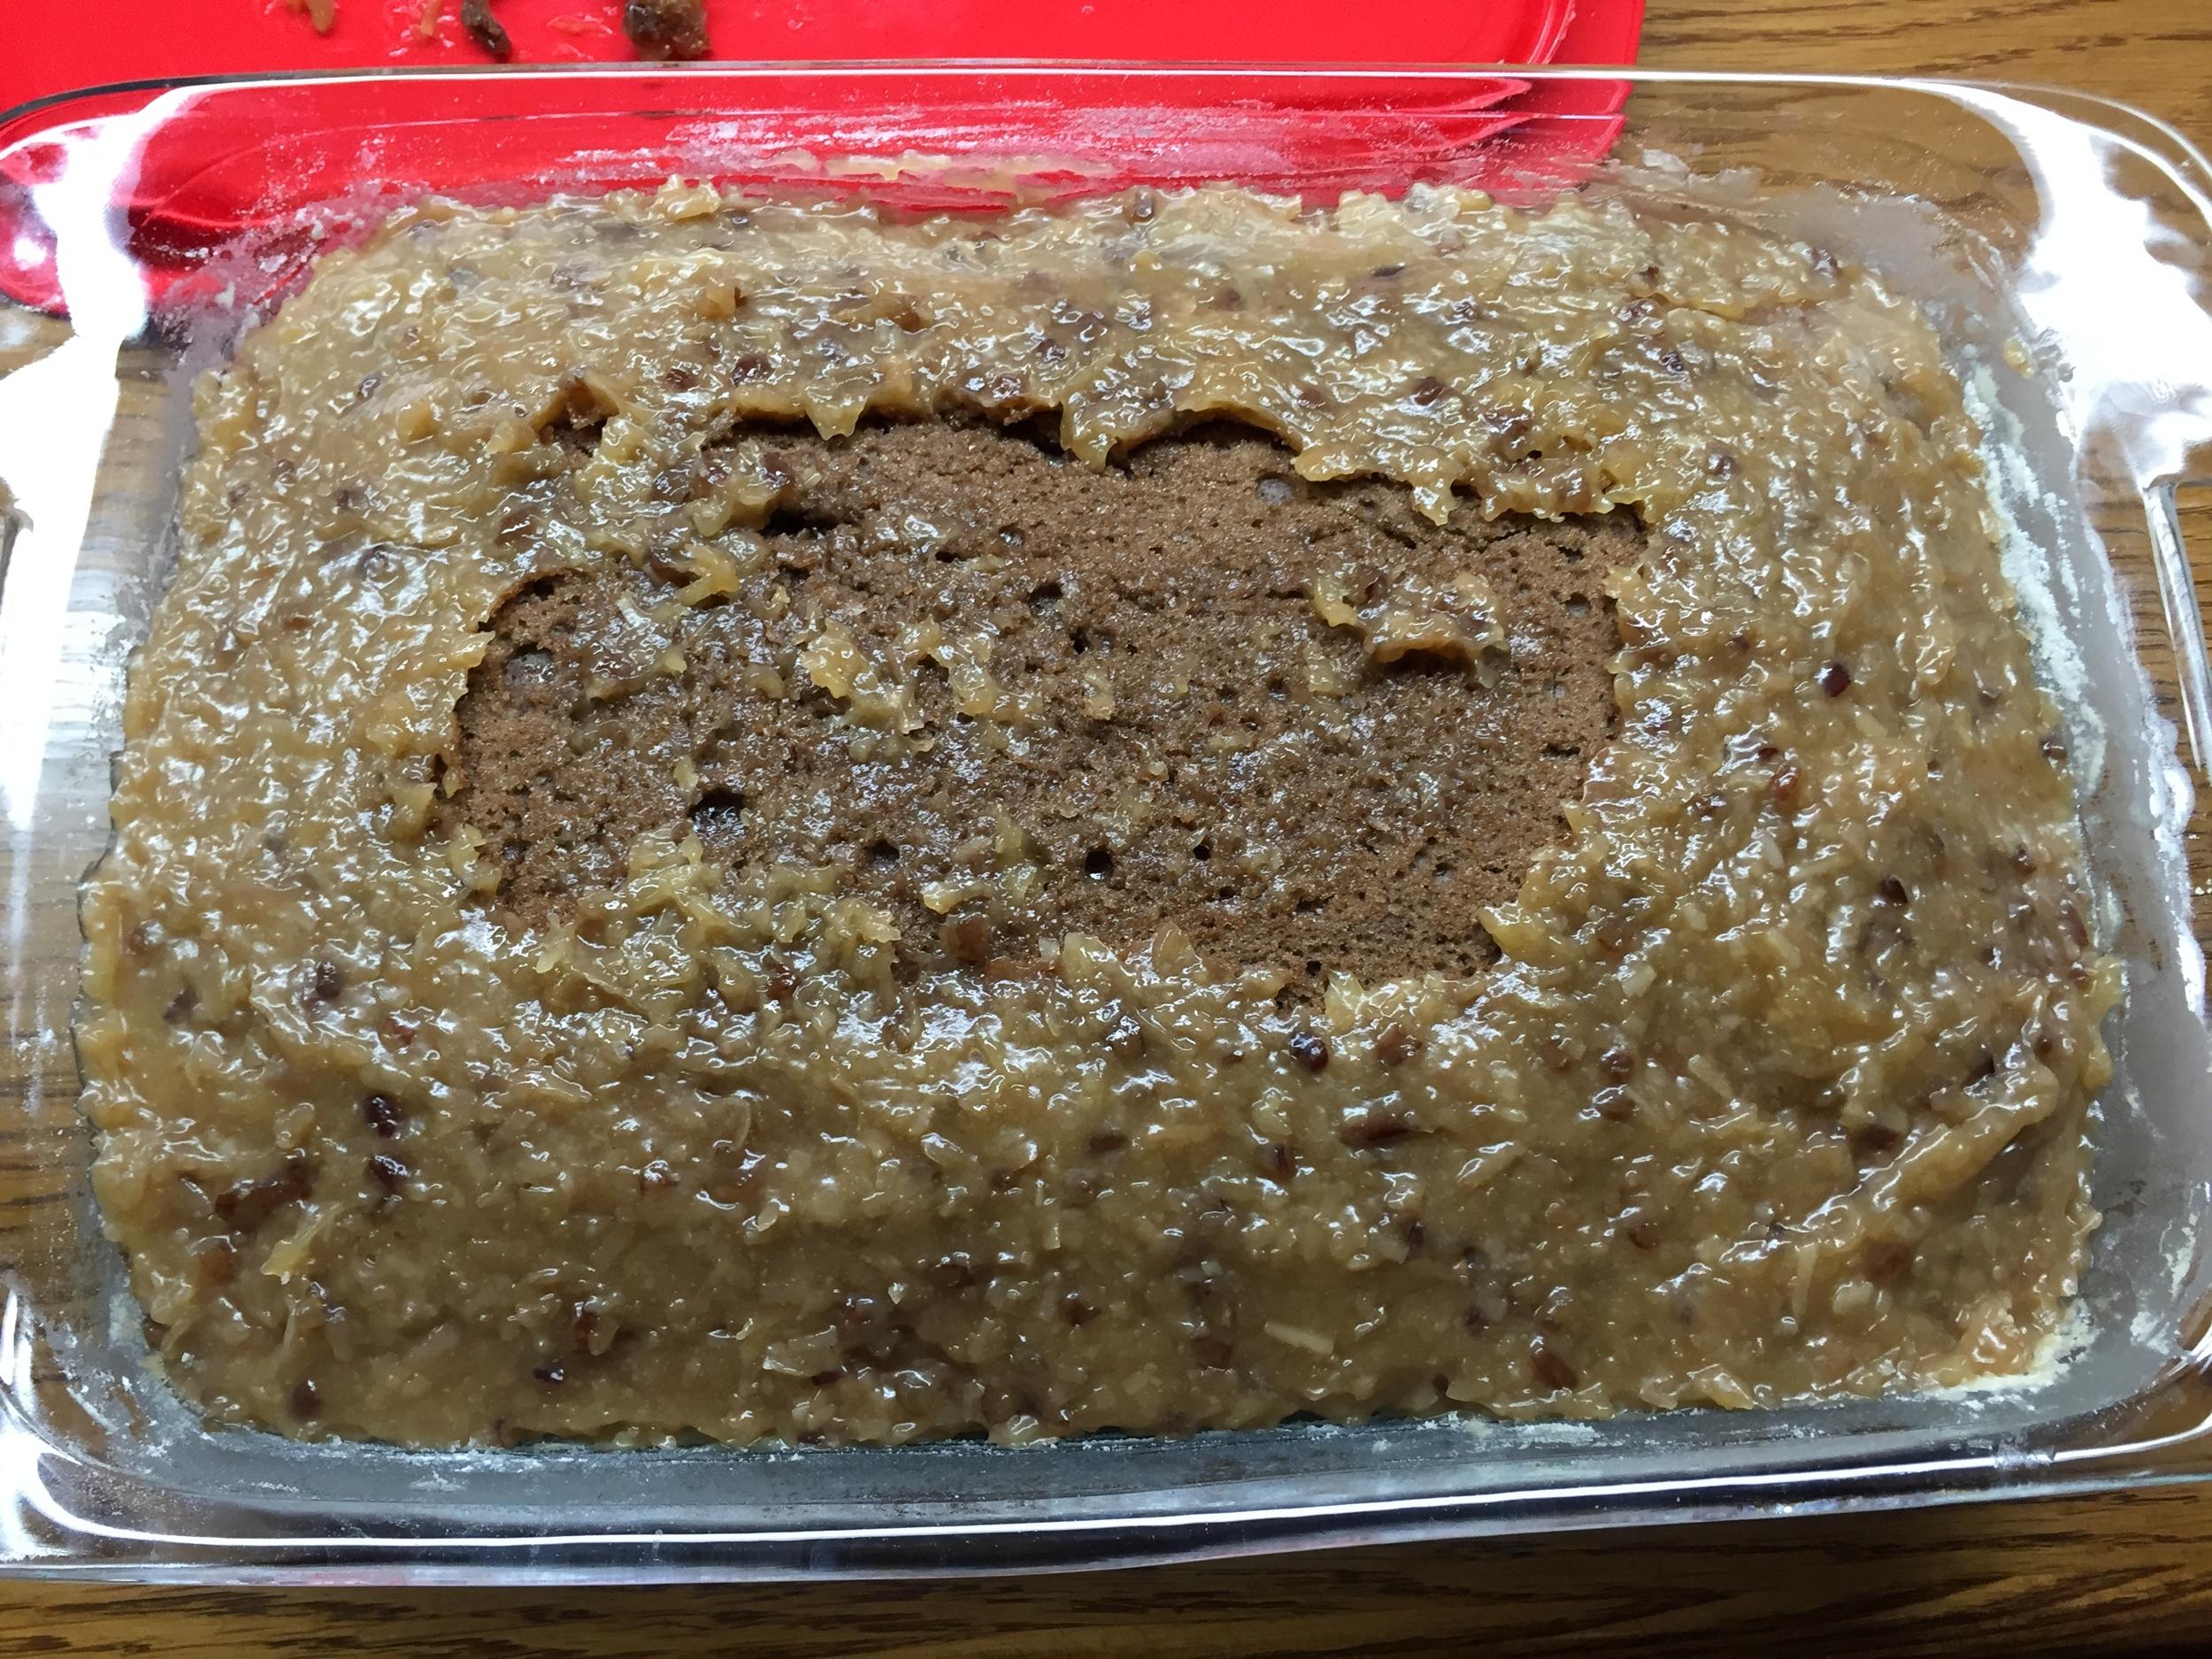 [Jaz's B-Day Cake -- PHOTO COPYRIGHT 2016 BY JAZ PRIMO]